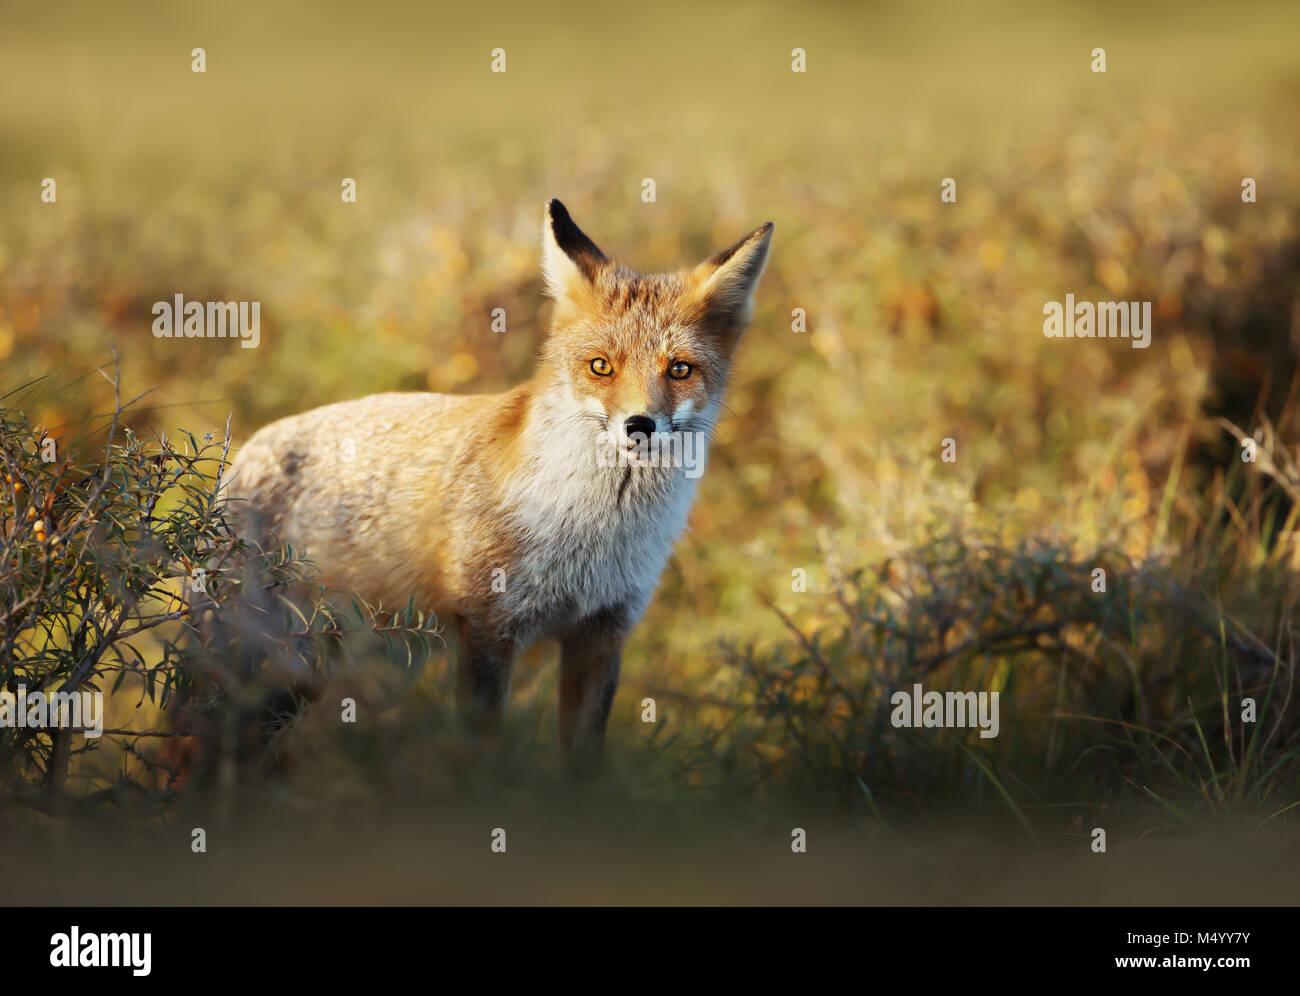 Nahaufnahme eines jungen Red Fox stehen im Bereich der Gras auf einer sonnigen Abend. Stockbild